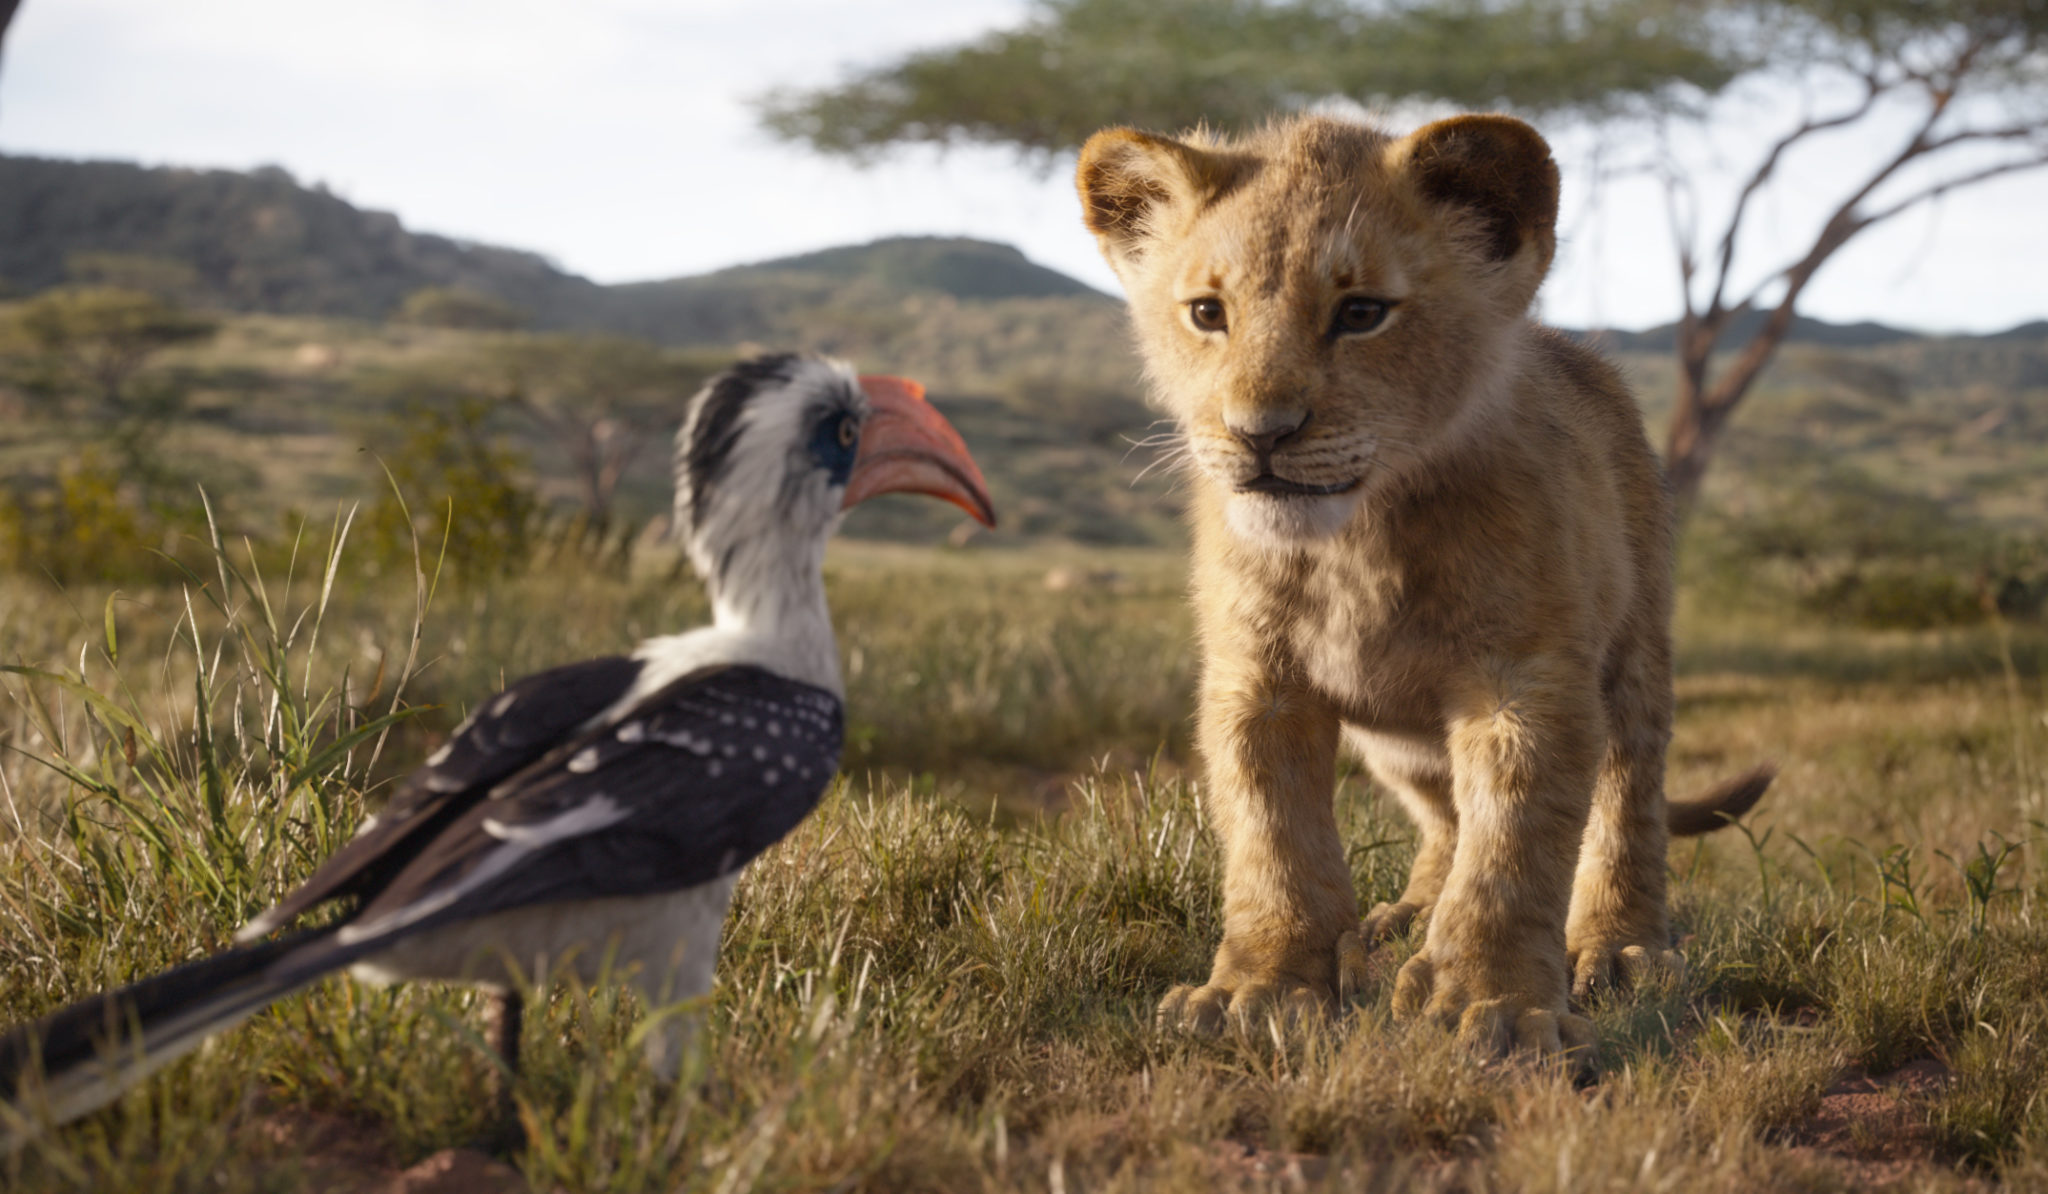 【無雷】最擬真《獅子王》完美重現童年回憶 「開頭場景」直接讓人起雞皮疙瘩